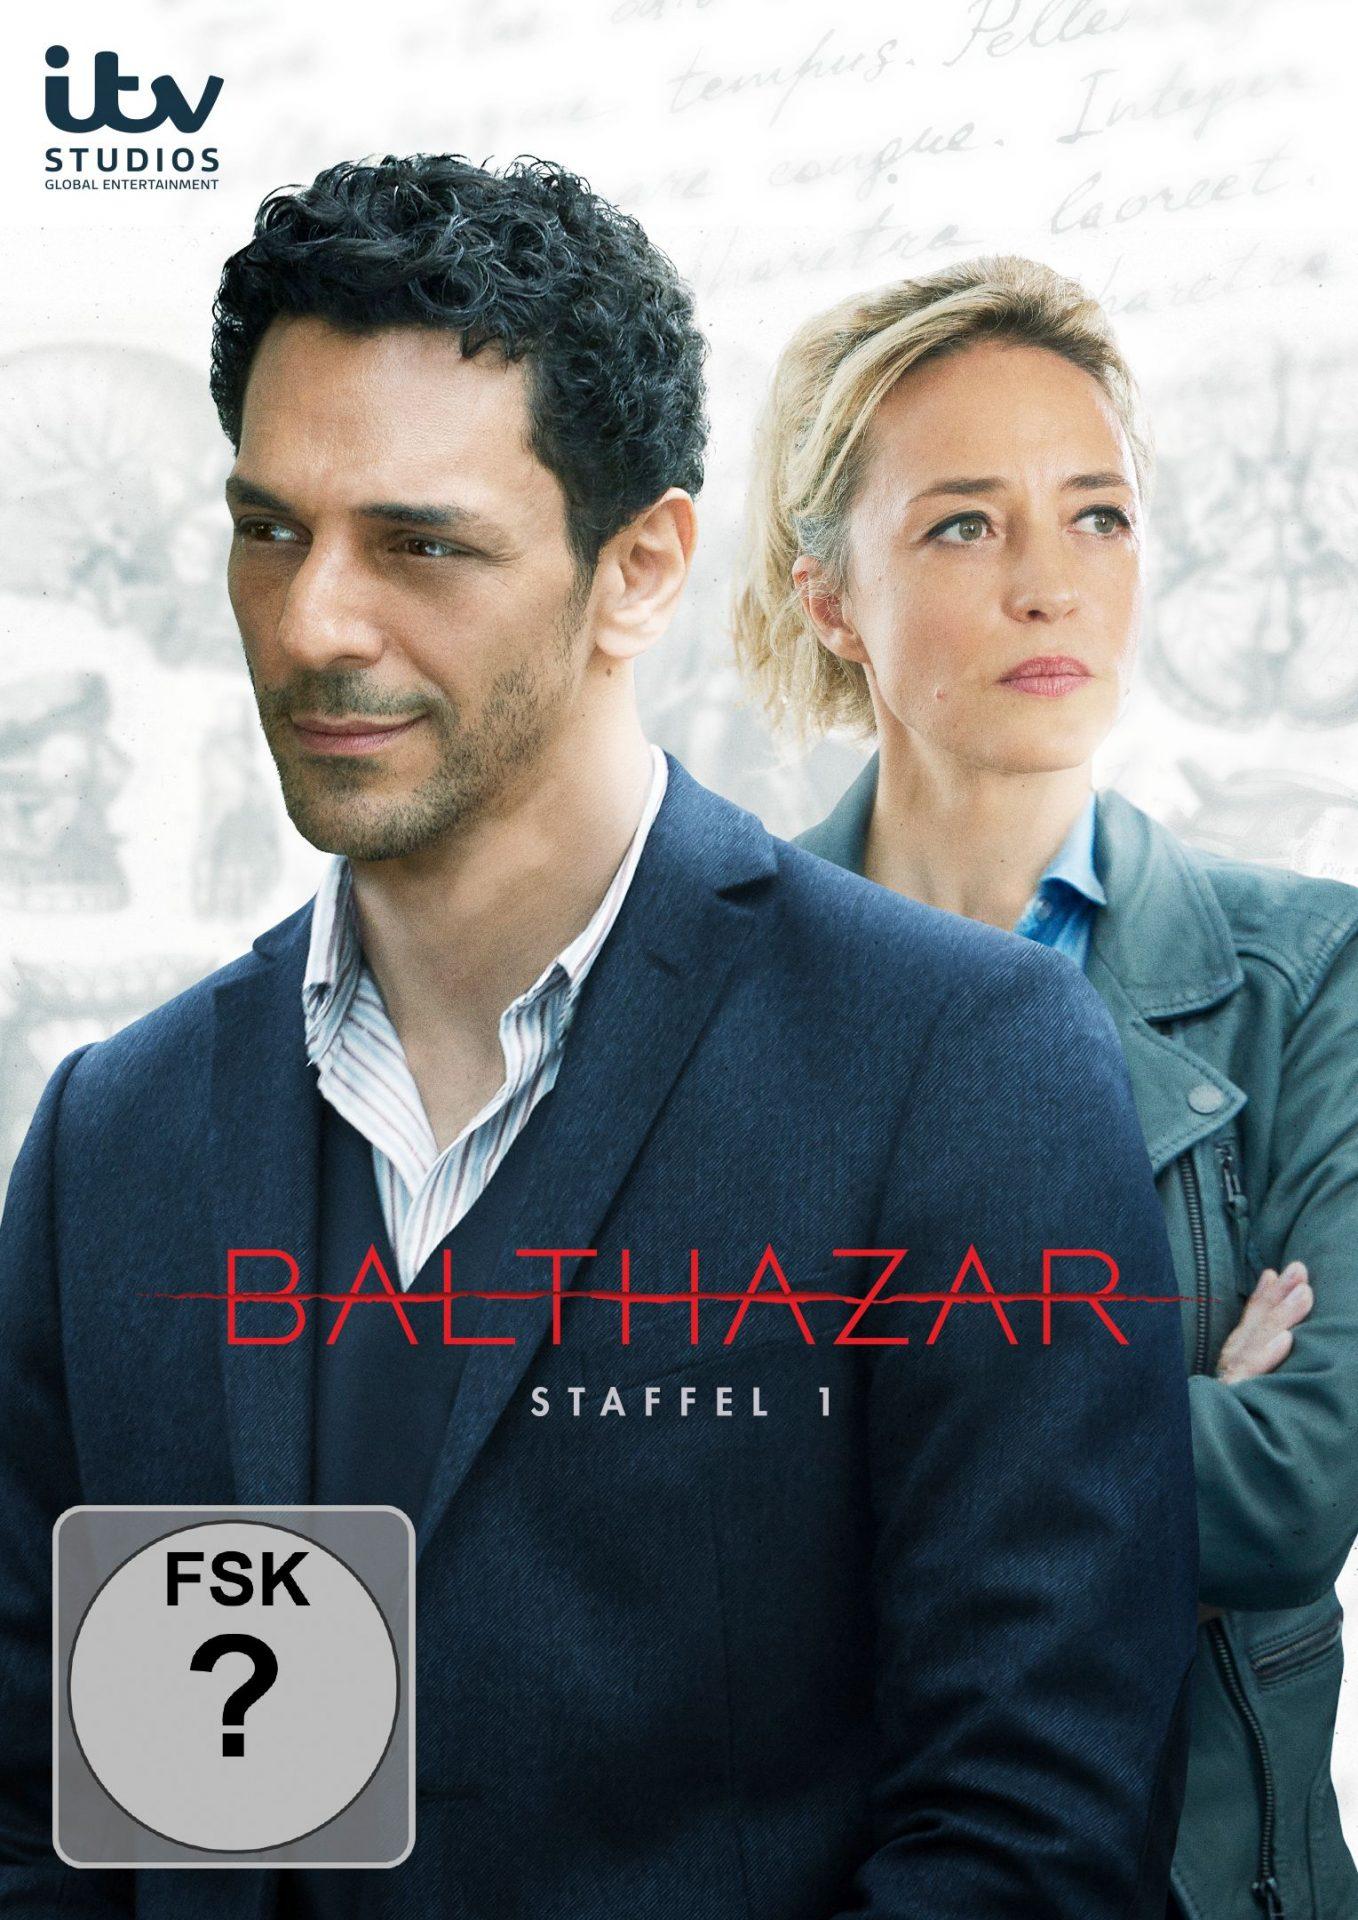 Balthazar Staffel 1